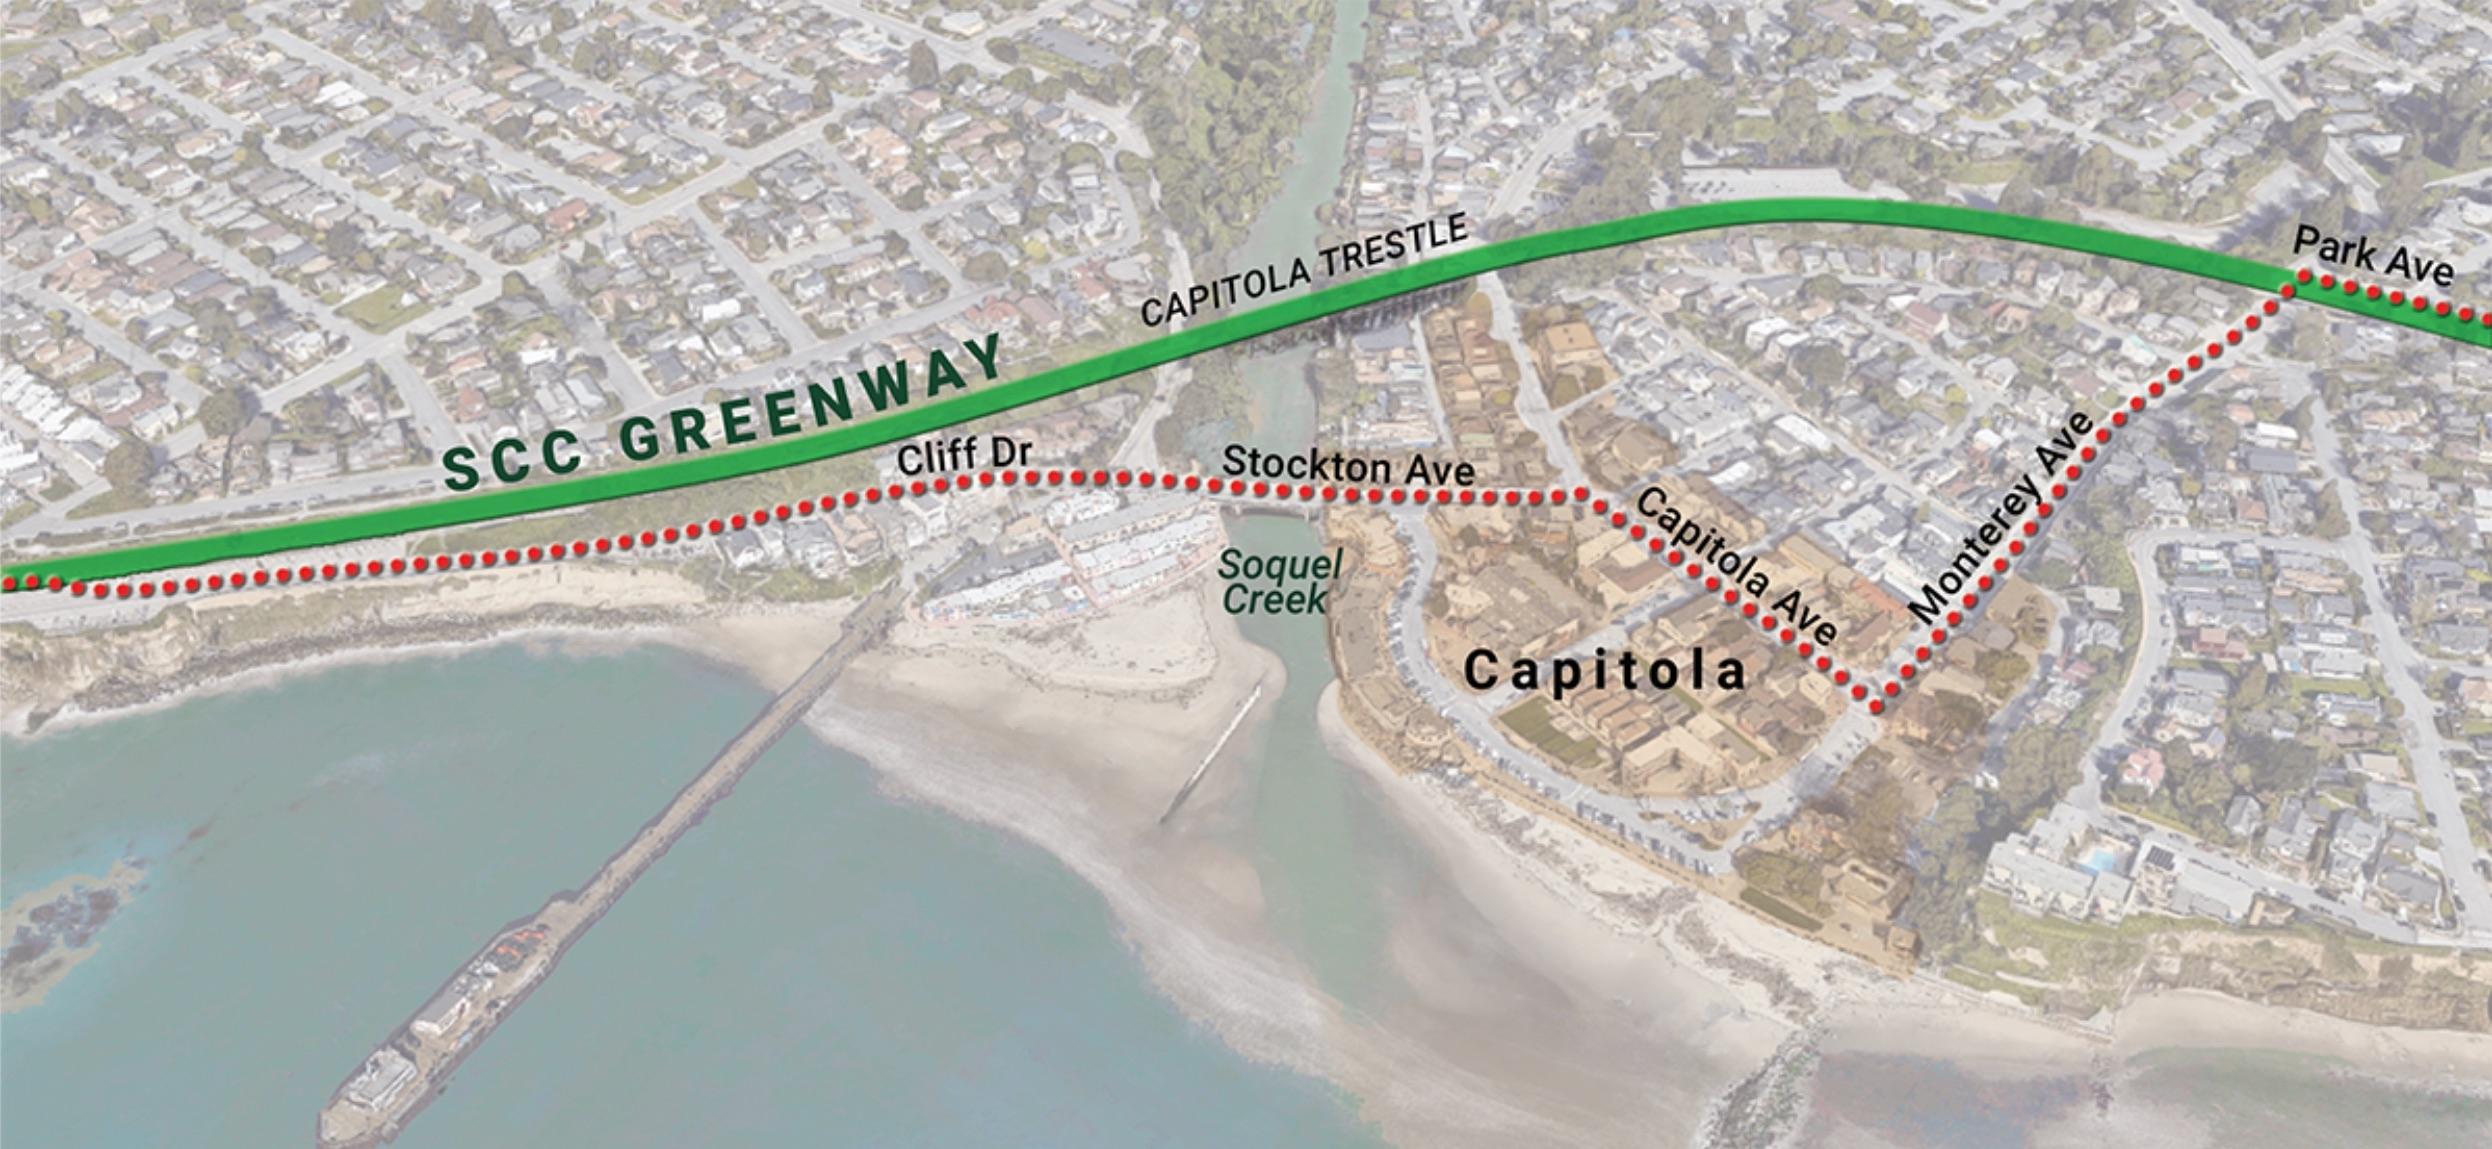 Capitola Trestle — Rail-with-Trail Detour